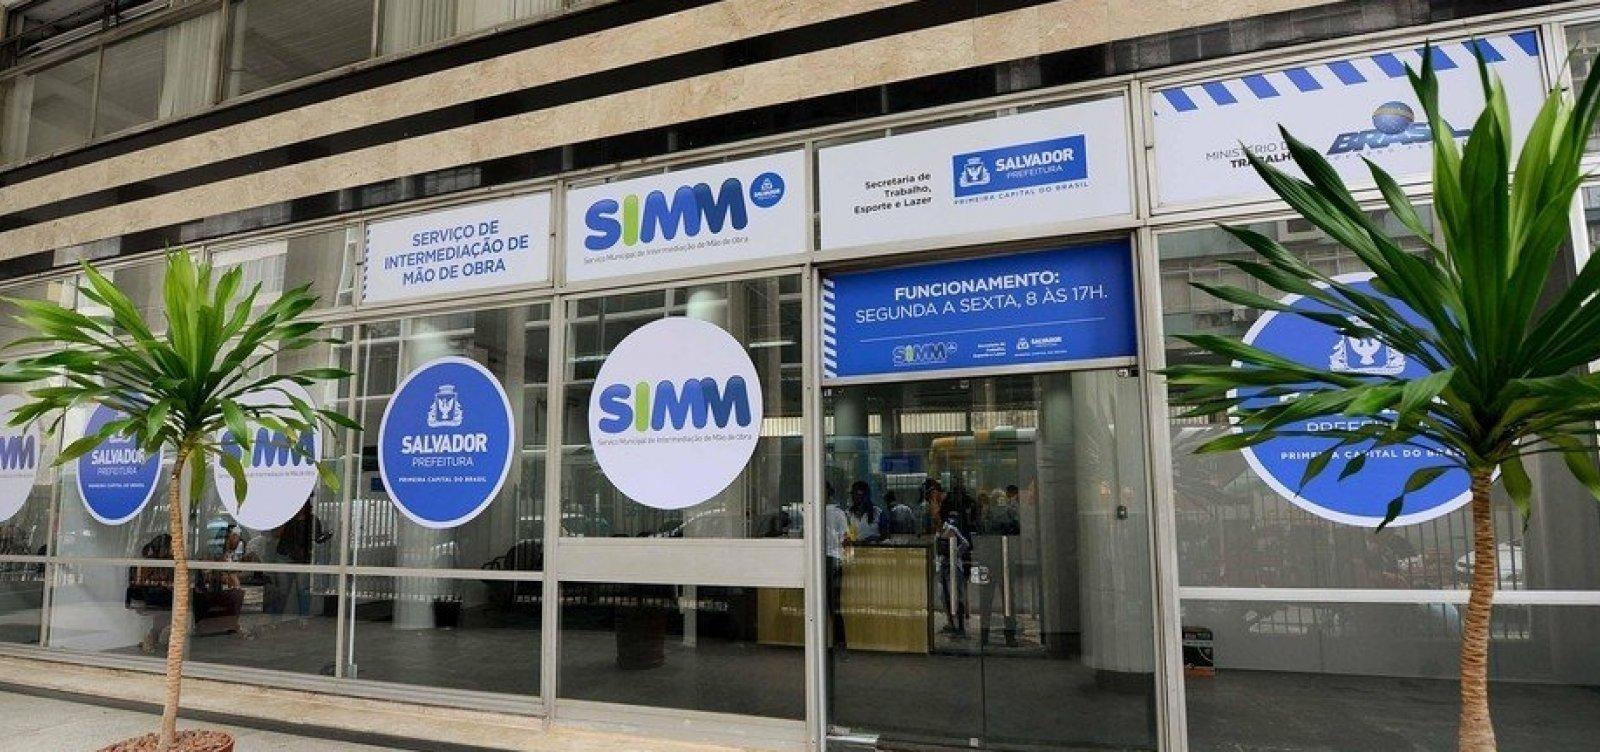 Simm abre 75 vagas de emprego para esta terça em Salvador